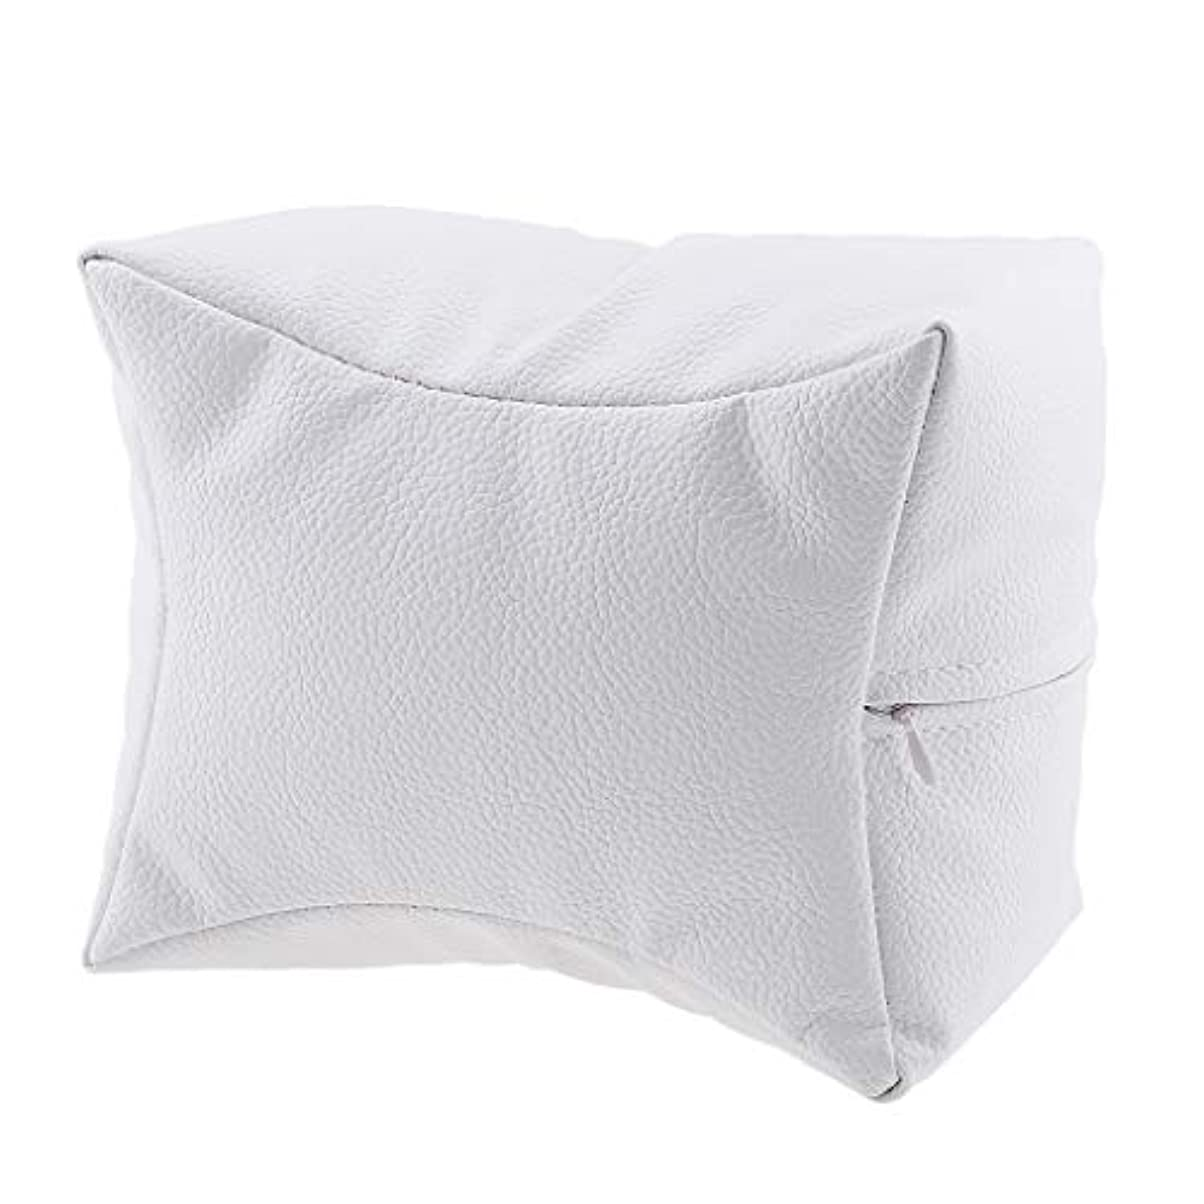 入札絶壁情緒的ネイルハンドピロー プロ ネイルサロン 手枕 レストピロー ネイルケア 4色選べ - 白